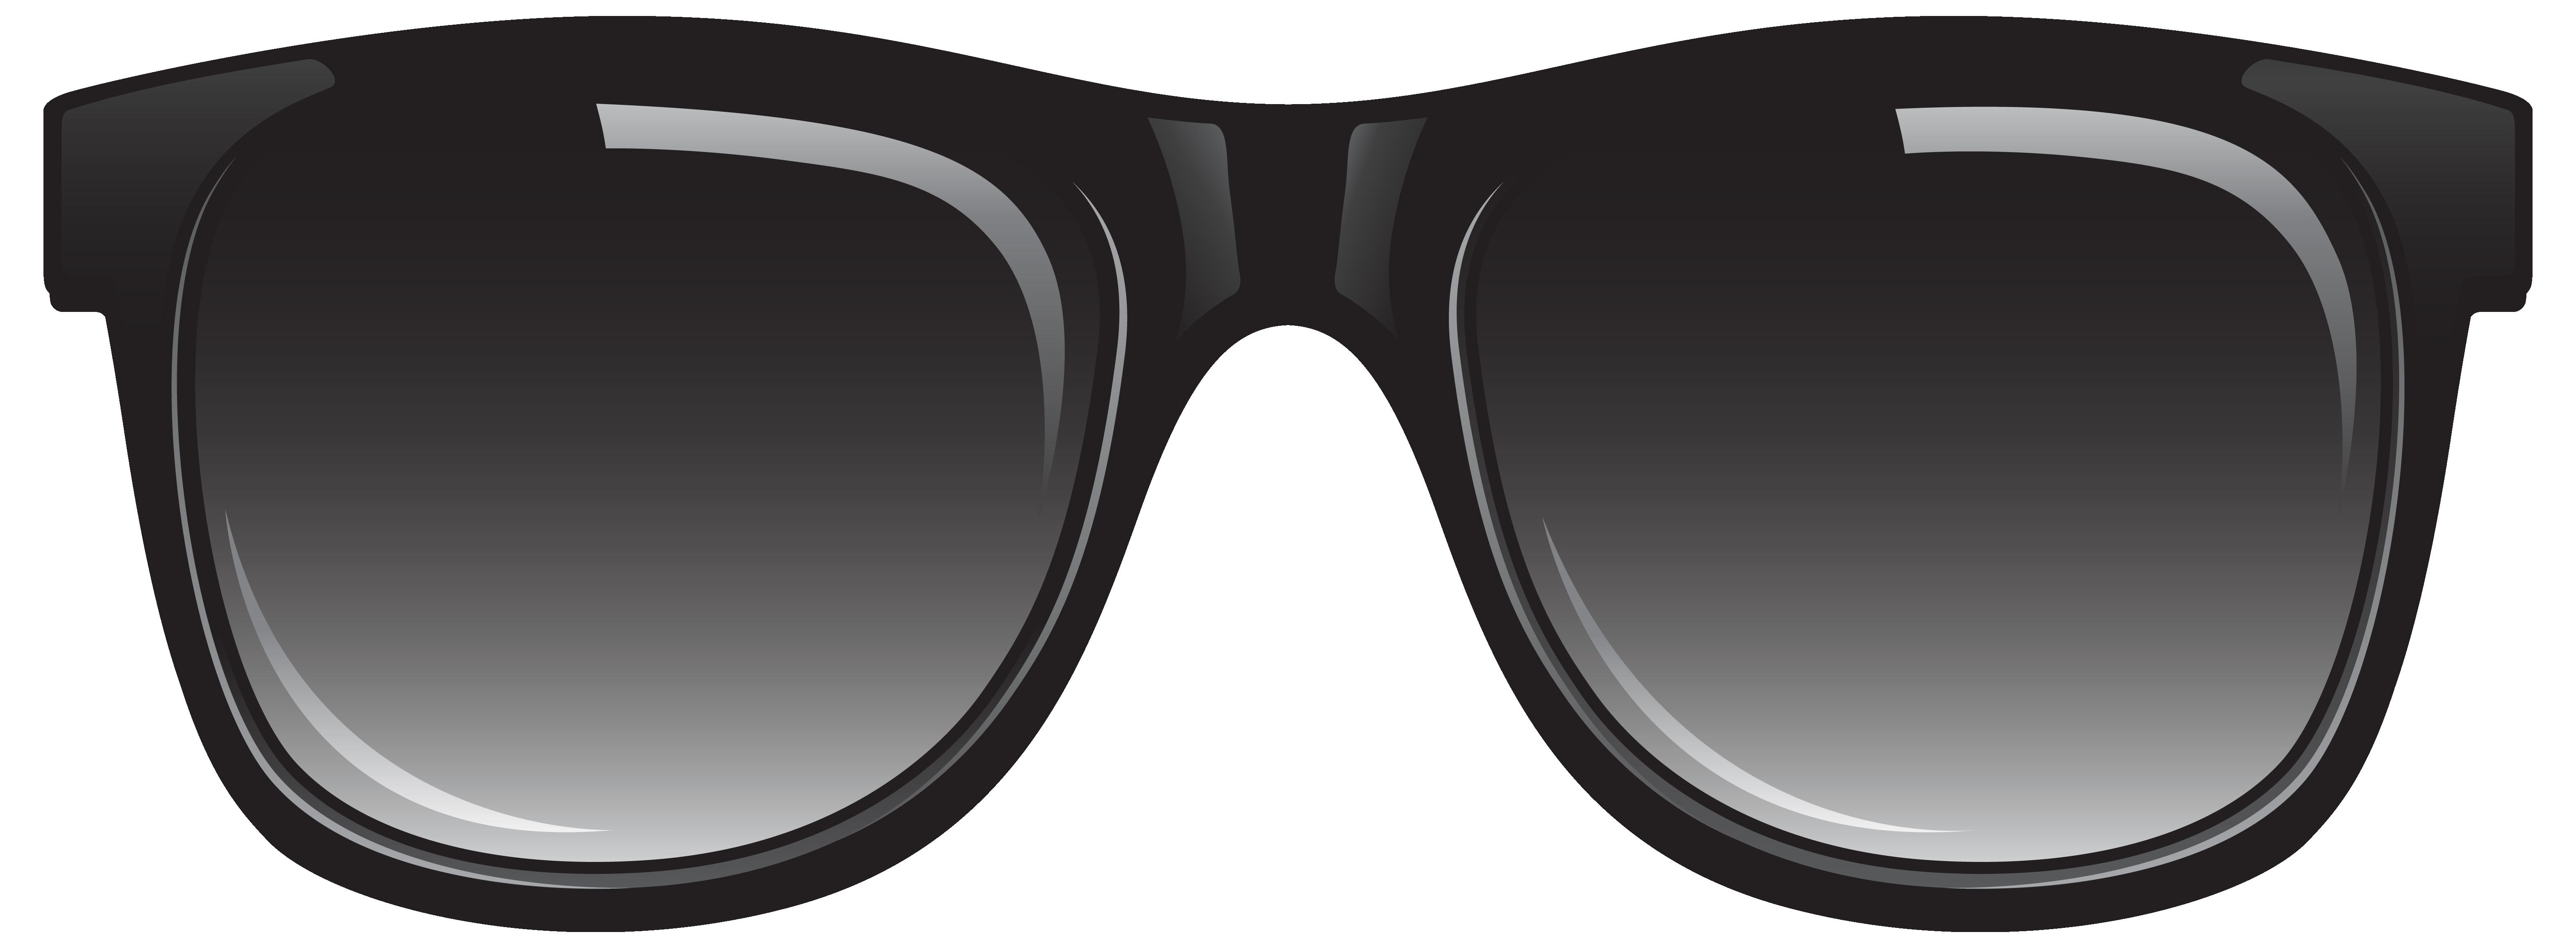 Sunglasses PNG - 4394